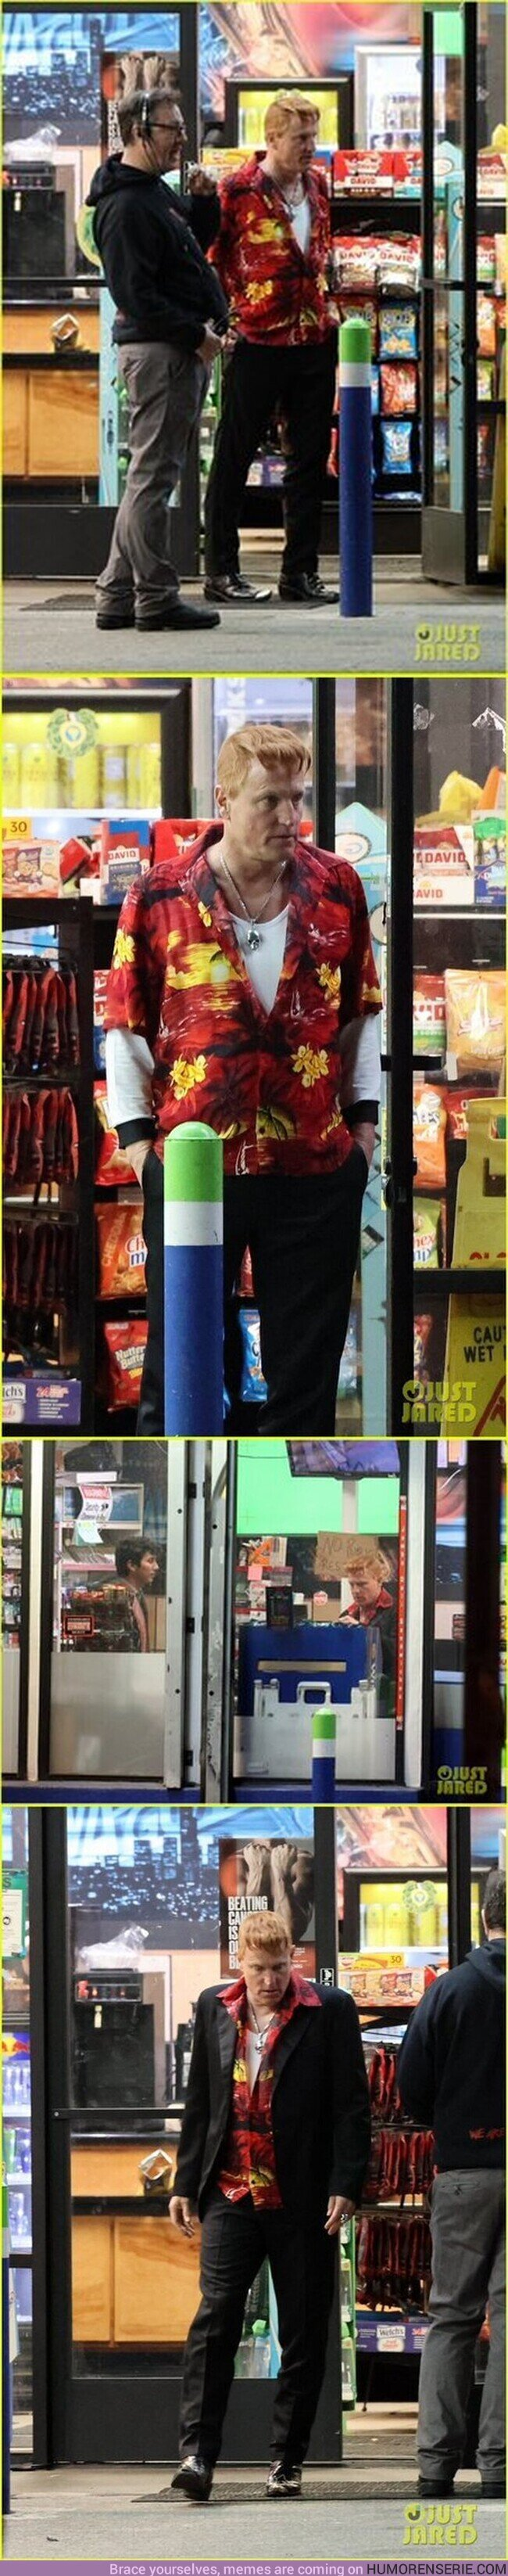 47920 - Nuevas imágenes de Woody Harrelson como Cletus Kasady en VENOM 2.